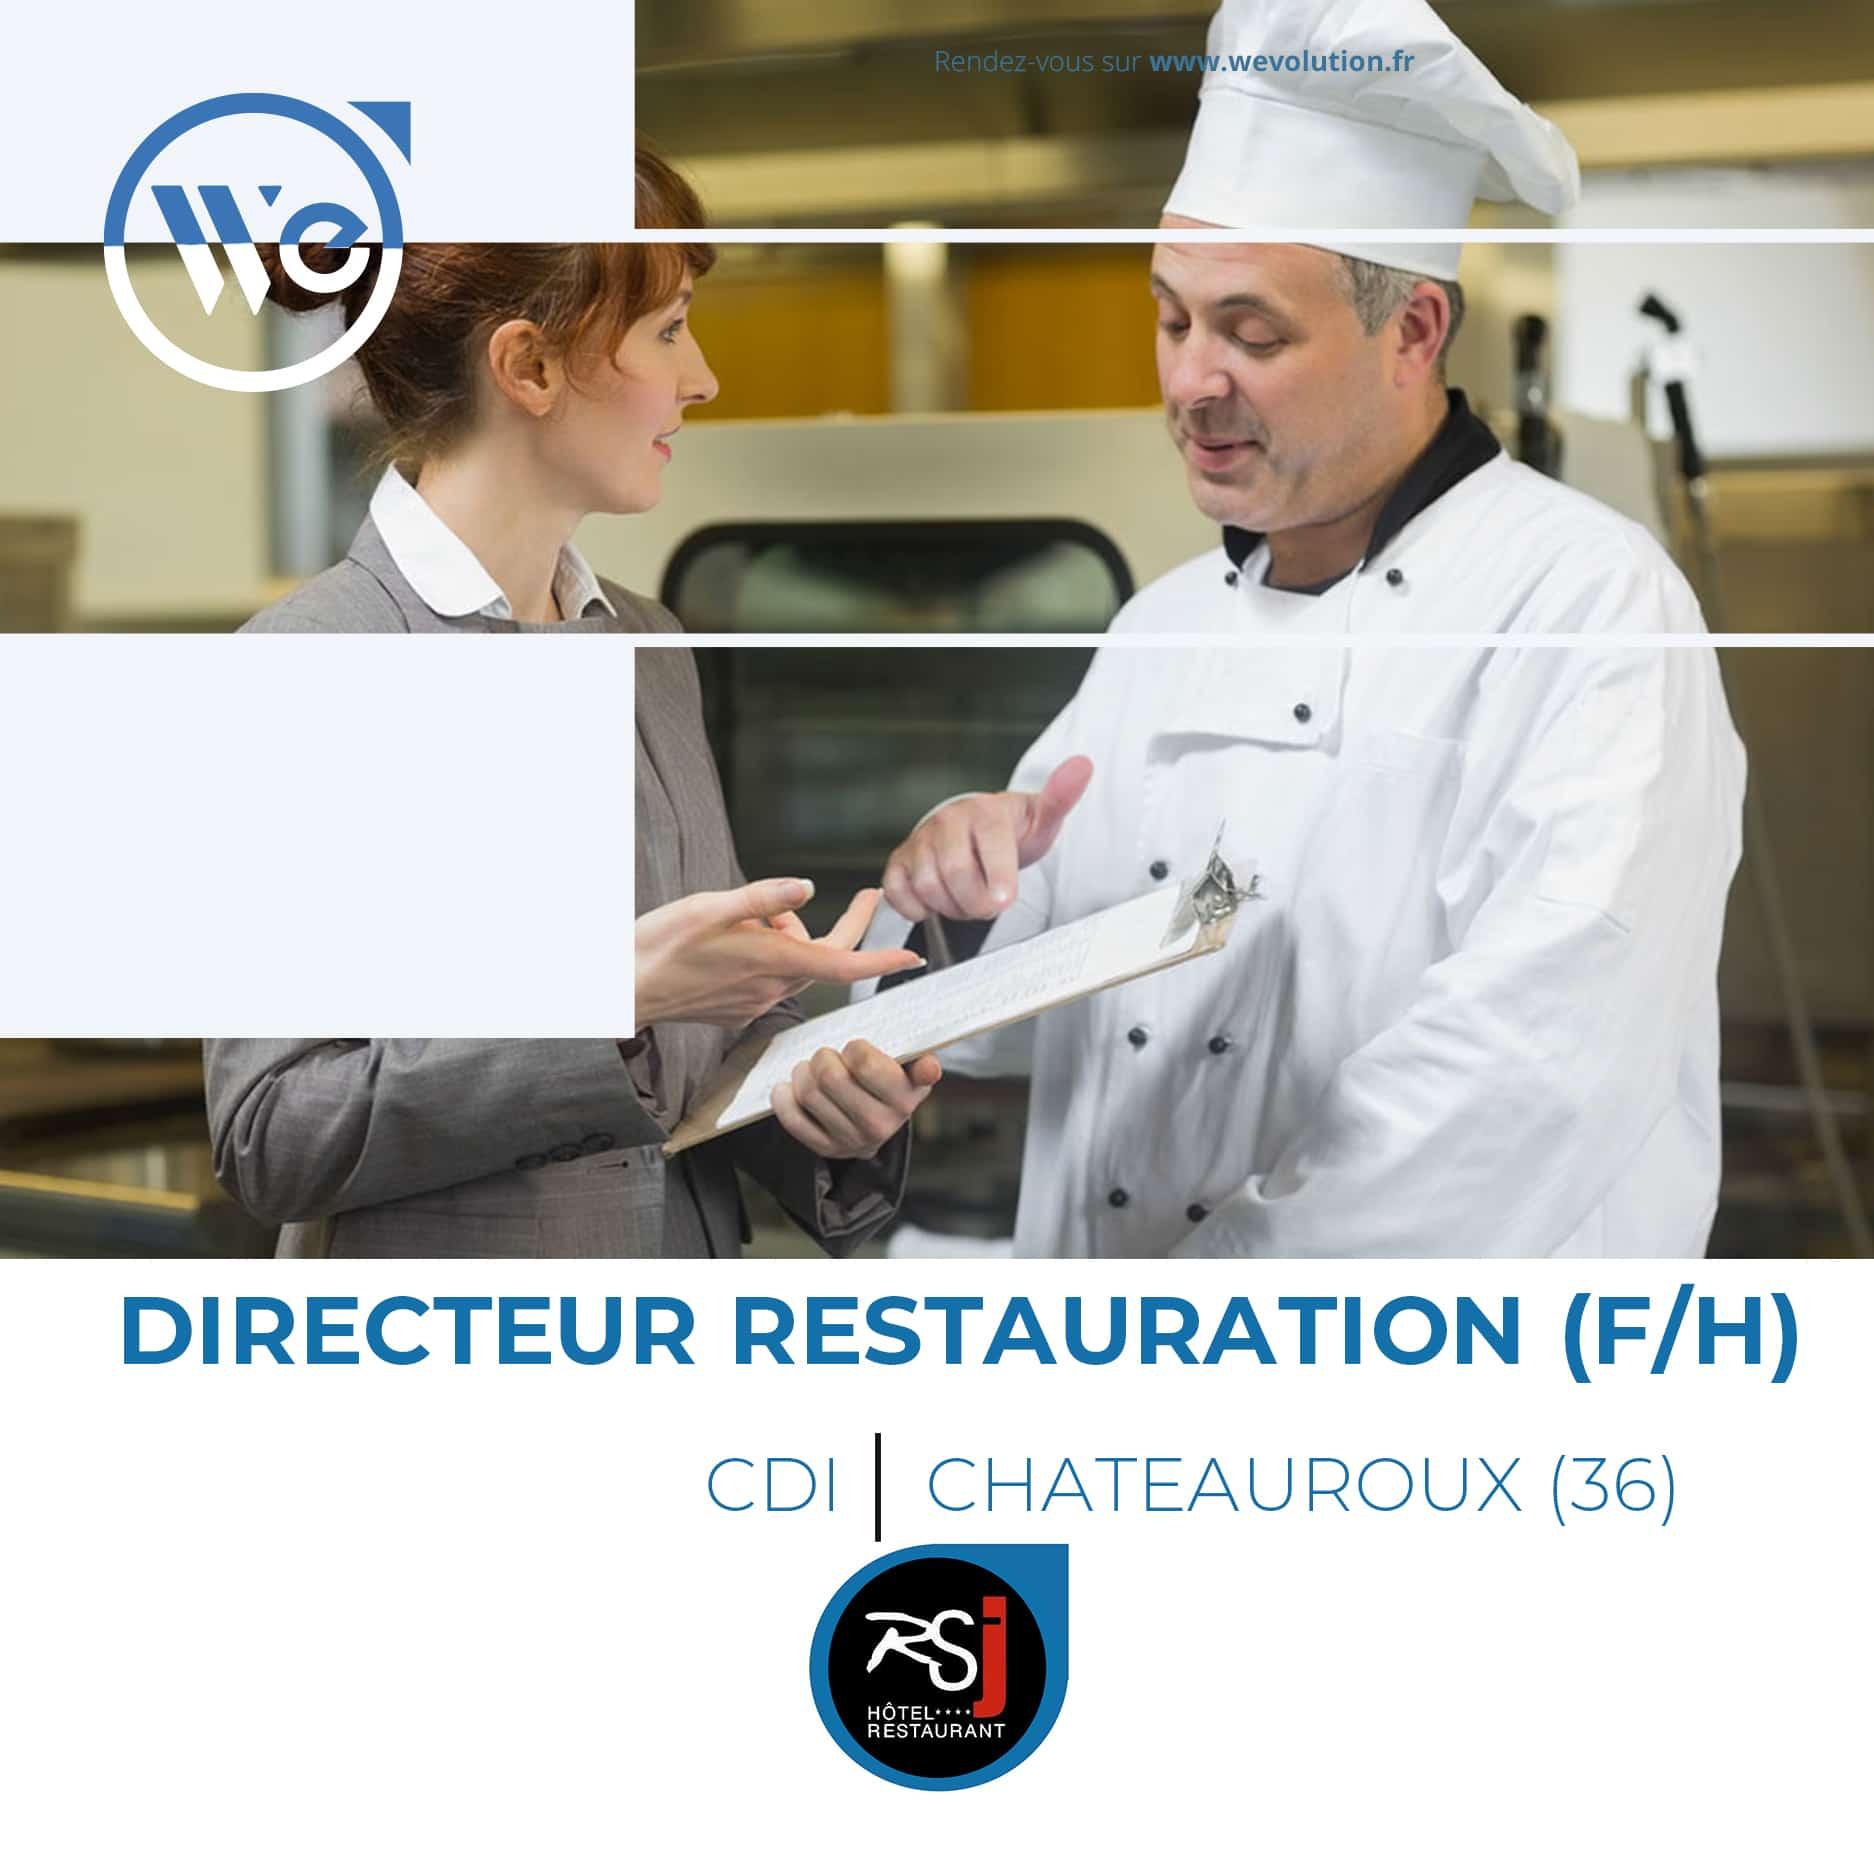 DIRECTEUR DE LA RESTAURATION (F/H)